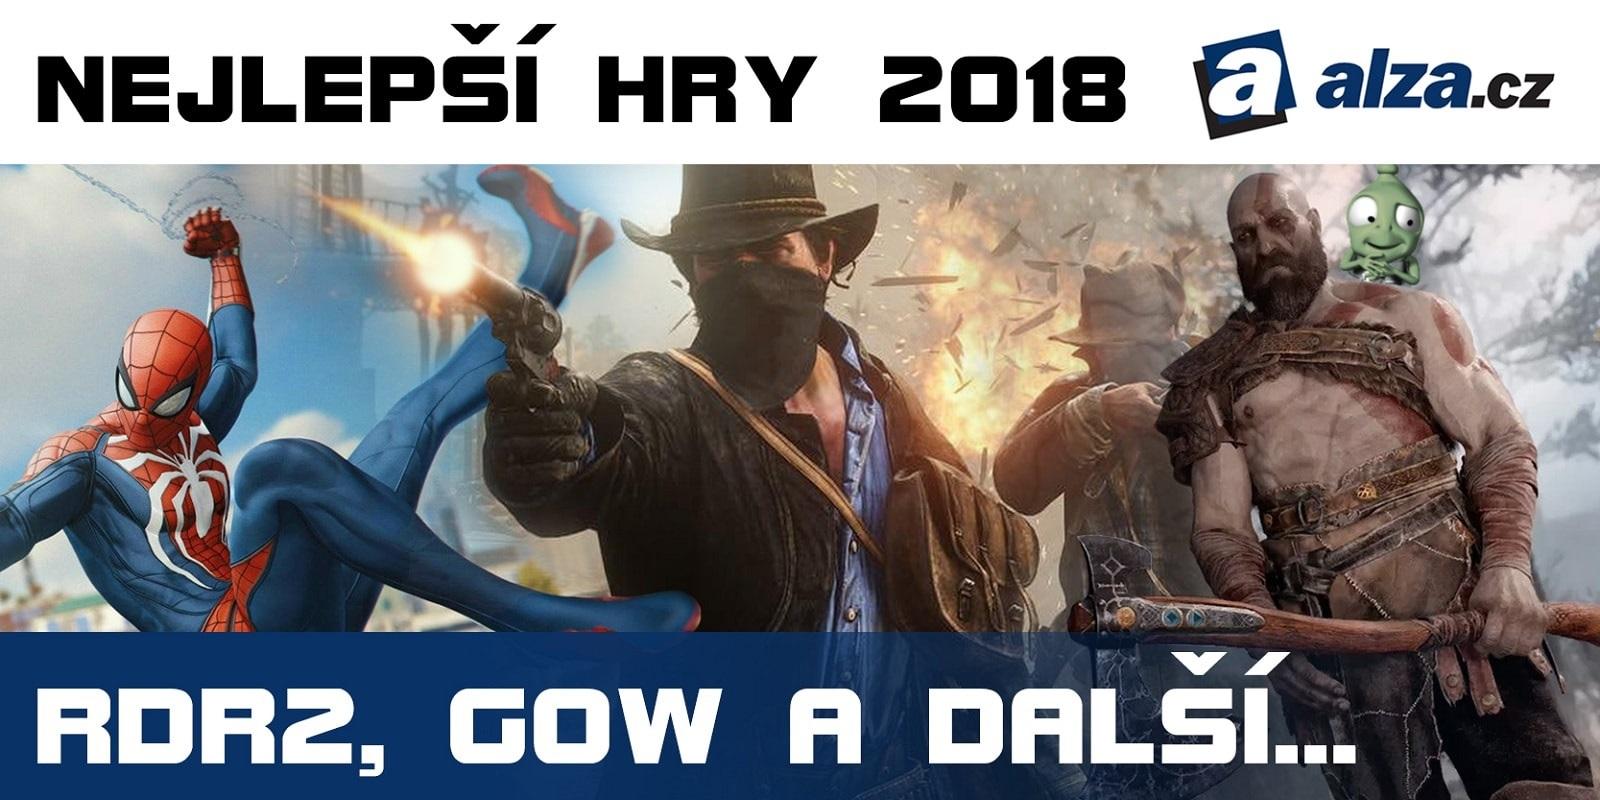 8d2ba2c1e Nejlepší hry roku 2018 | Alza.cz